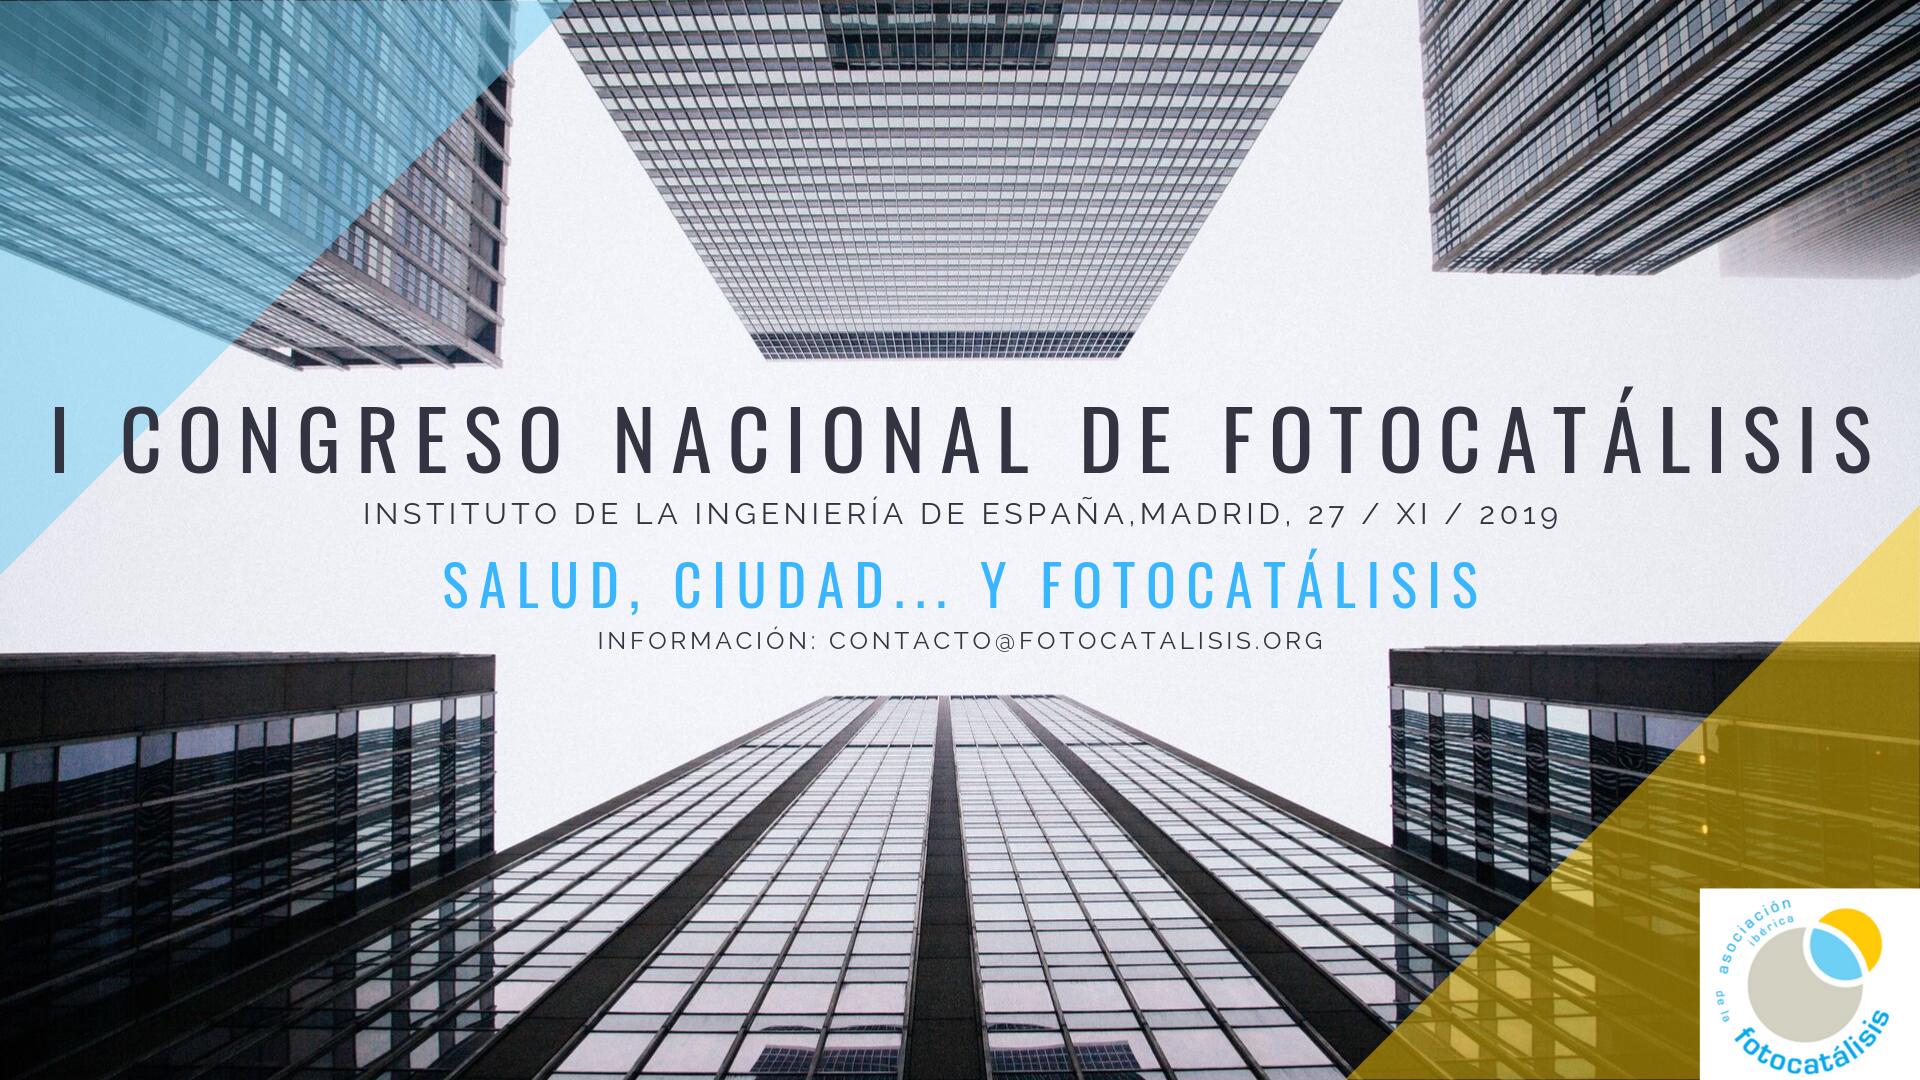 I Congreso Nacional de Fotocatálisis.